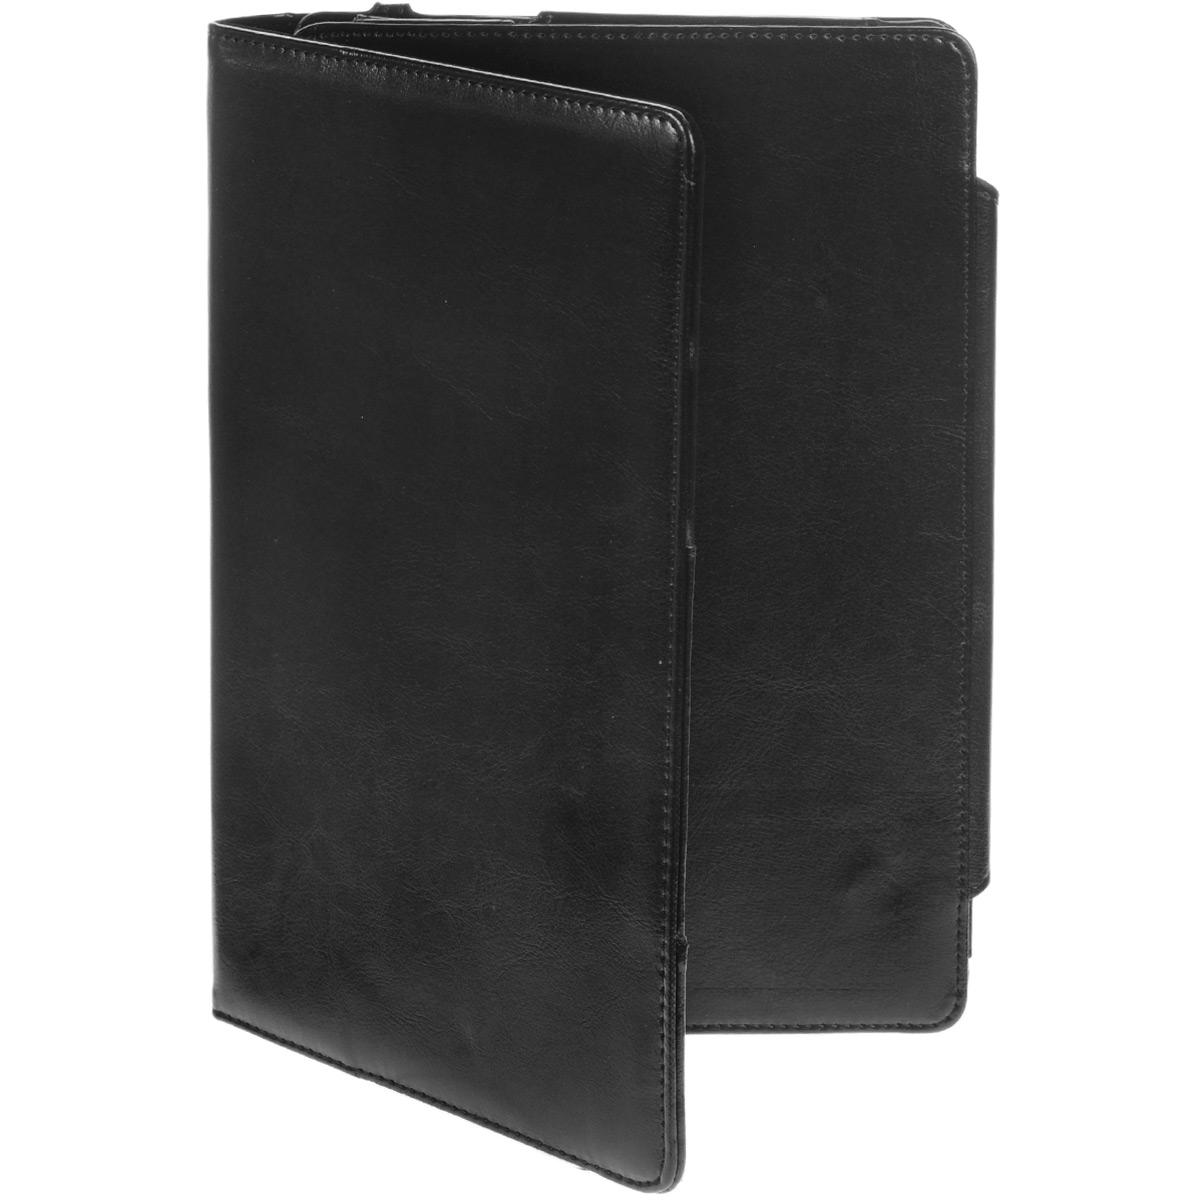 IT Baggage чехол с секцией для клавиатуры для Asus VivoTab Smart ME400C, BlackITASME404-1Чехол IT Baggage для Asus VivoTab Smart ME400C с секцией для клавиатуры - это стильный и лаконичный аксессуар, позволяющий сохранить планшет в идеальном состоянии. Надежно удерживая технику, обложка защищает корпус и дисплей от появления царапин, налипания пыли. Также чехол IT Baggage для Asus VivoTab Smart ME400C можно использовать как подставку для чтения или просмотра фильмов. Имеет свободный доступ ко всем разъемам устройства.